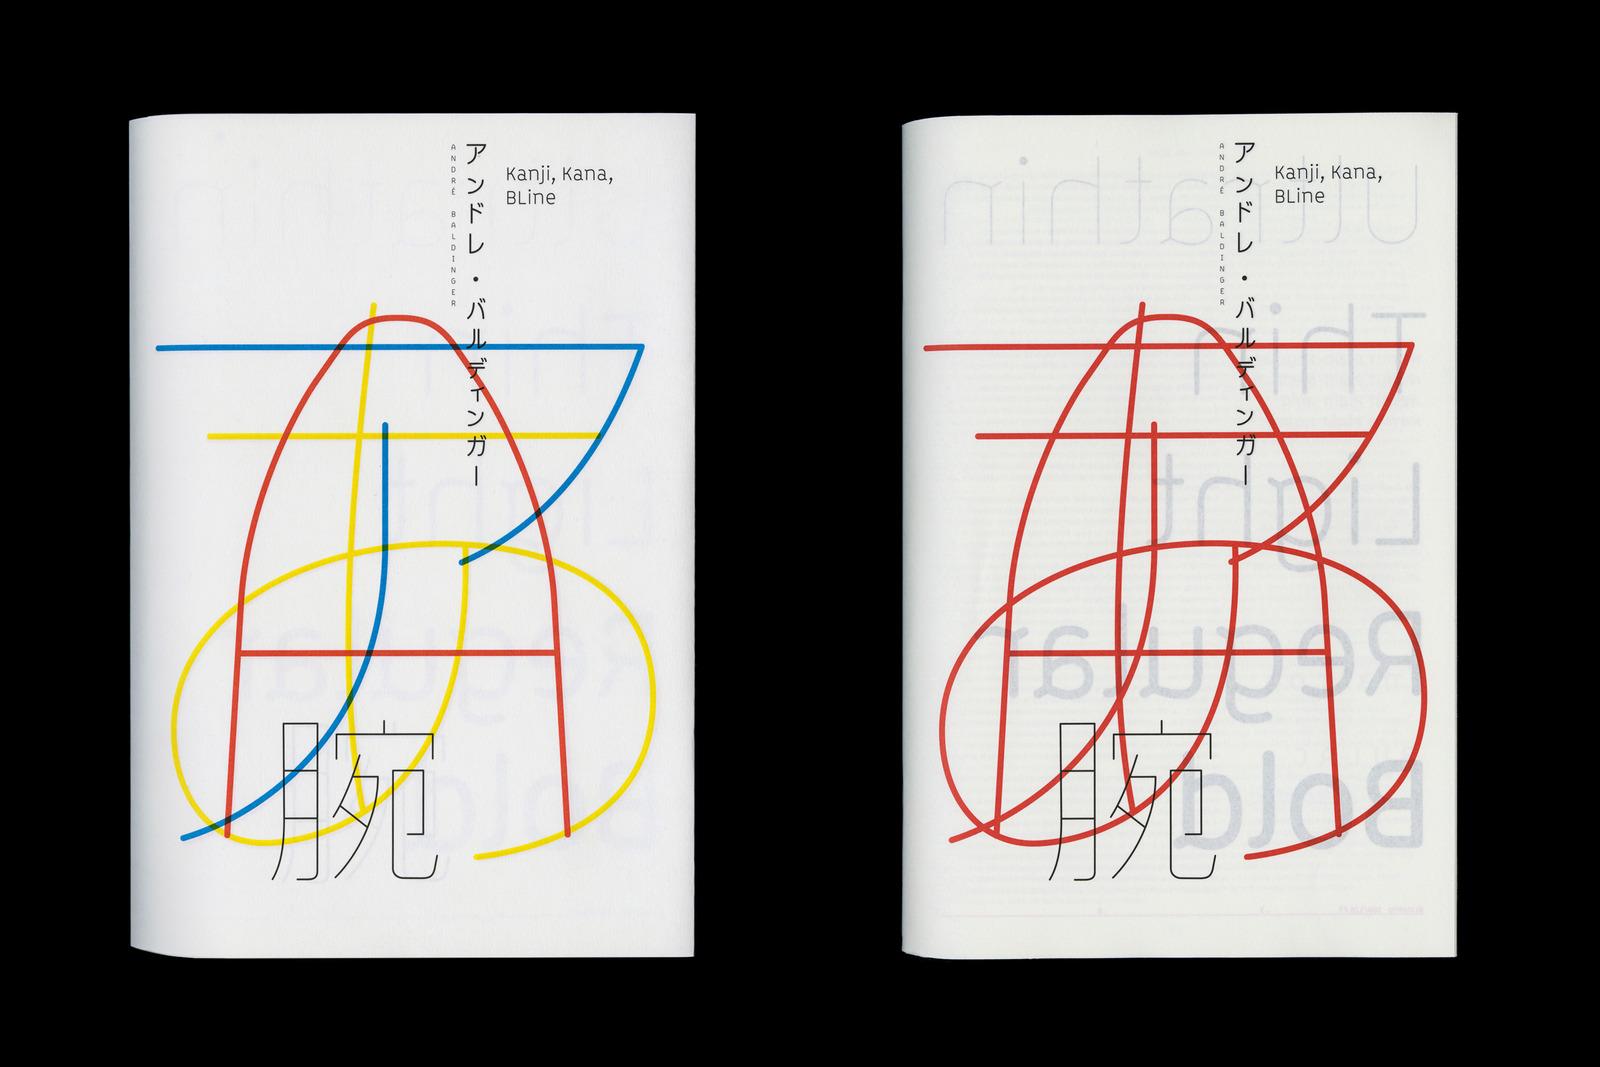 kanji-kana-bline-a-la-fenetre-catalogue-02-1600x1067-q92